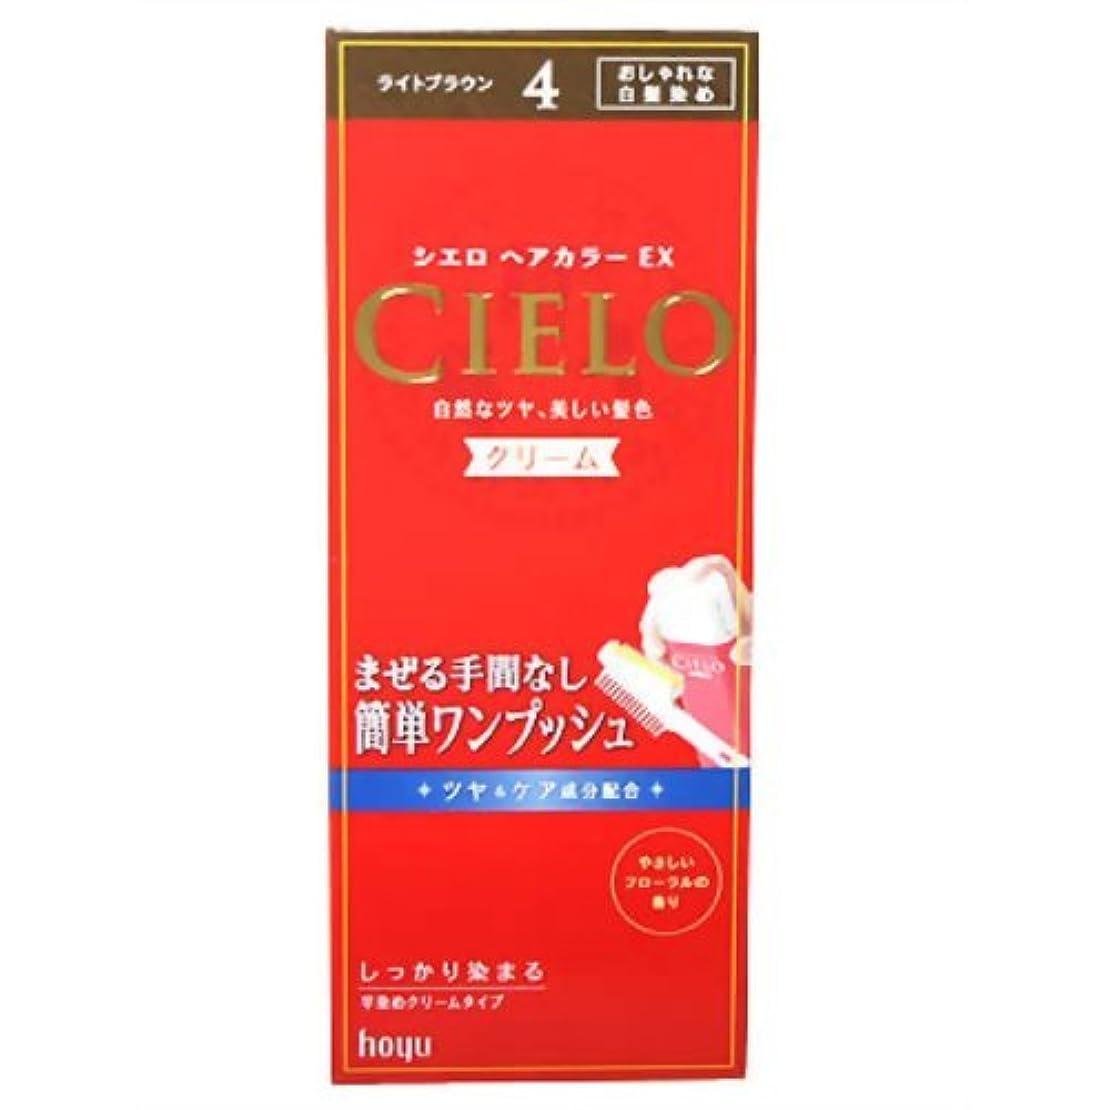 方法クロール検査官シエロ ヘアカラーEX クリーム4 (ライトブラウン)